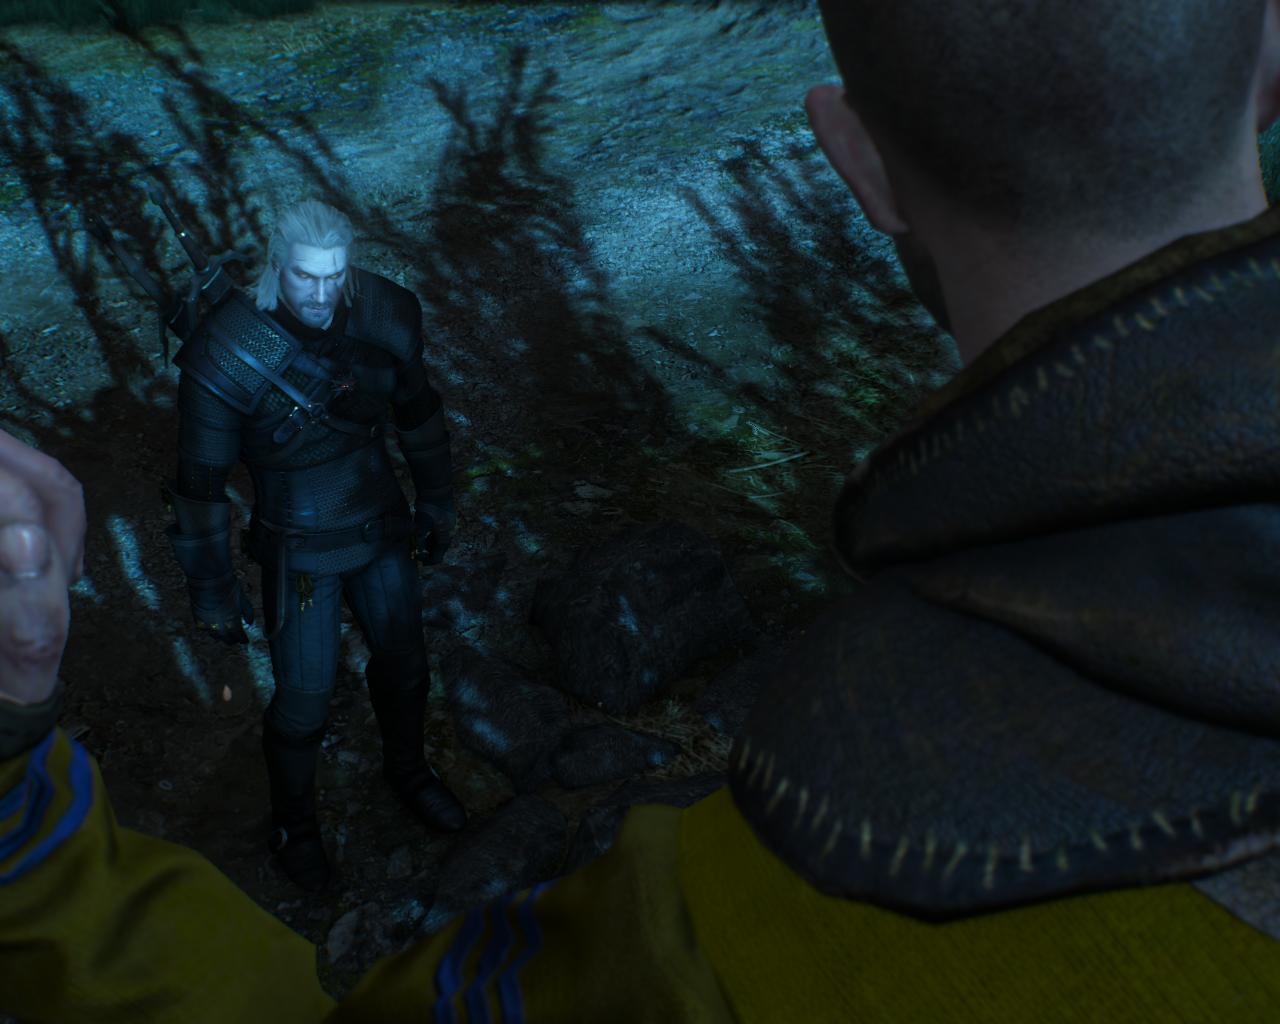 скрины геральта - Witcher 3: Wild Hunt, the про ведьмака